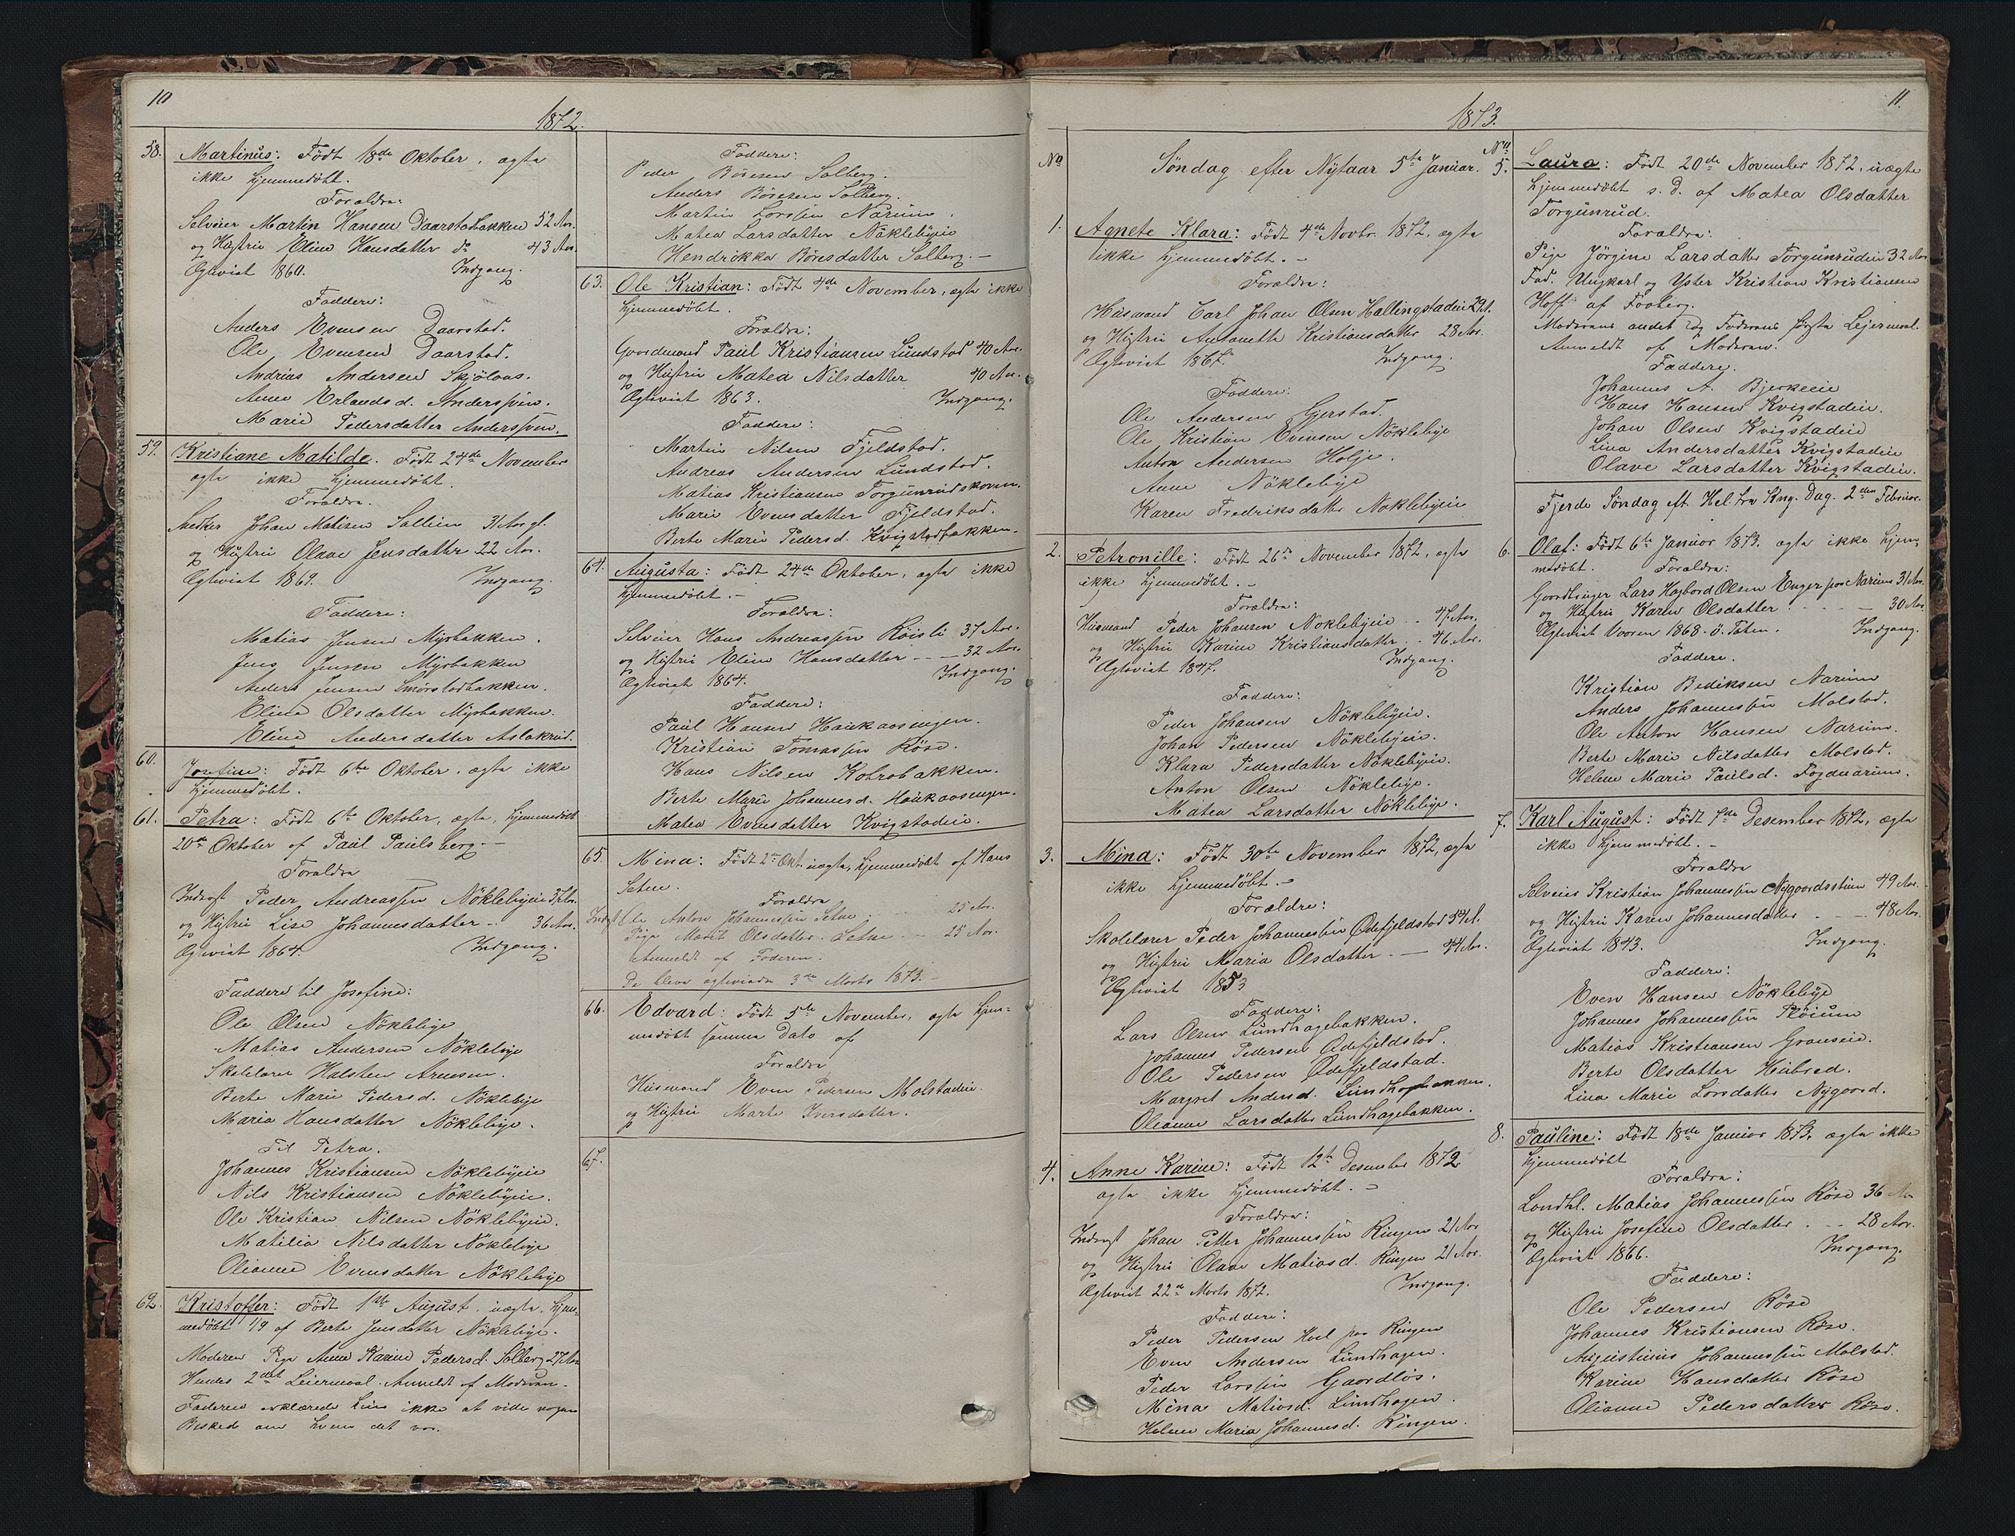 SAH, Vestre Toten prestekontor, Klokkerbok nr. 7, 1872-1900, s. 10-11